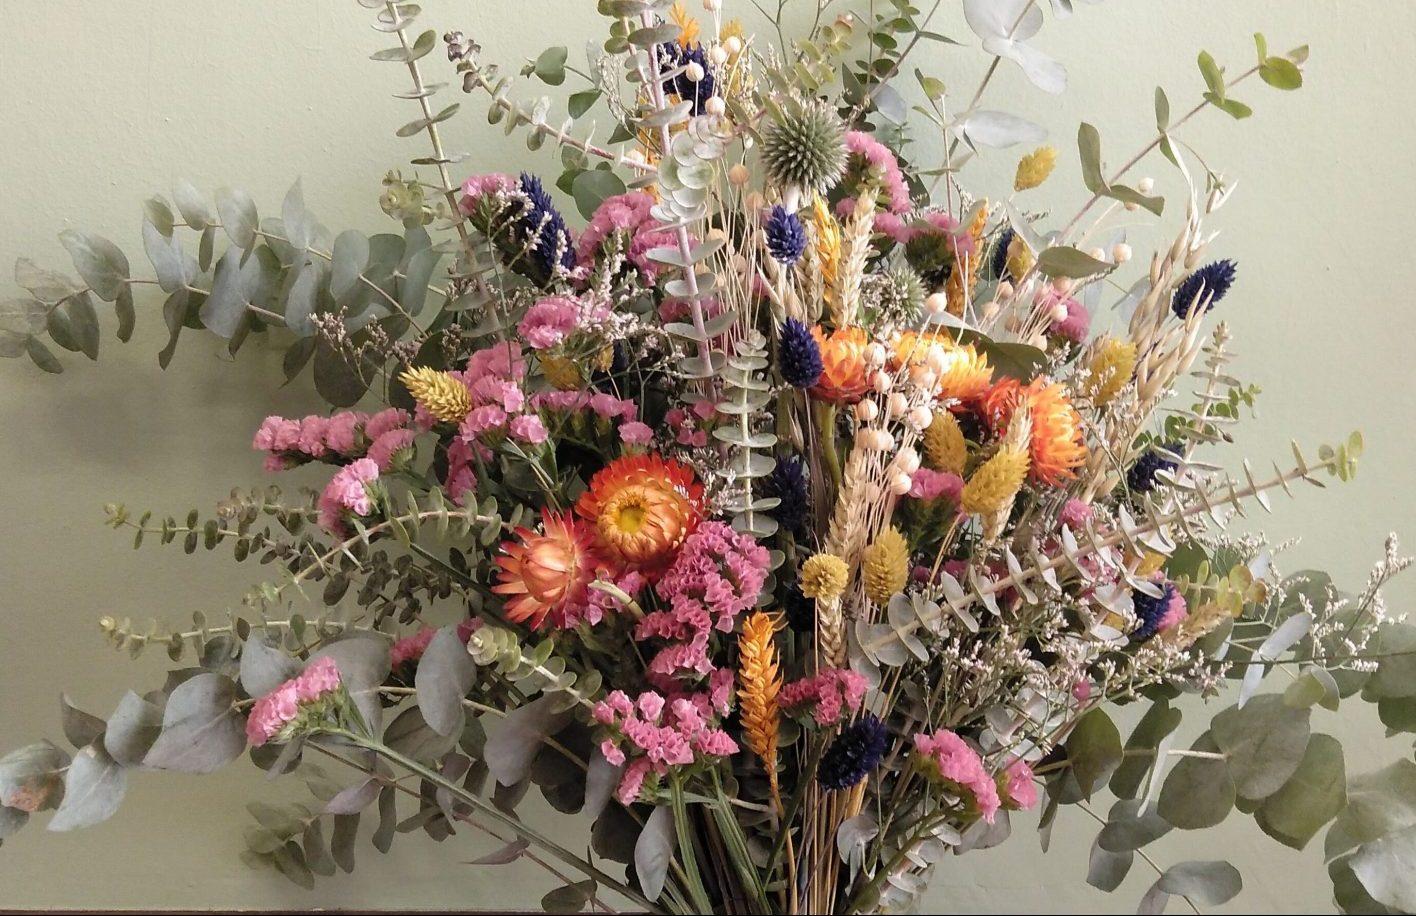 Eucalipto, flores secas, trigo, phalaris, statice, siempreviva